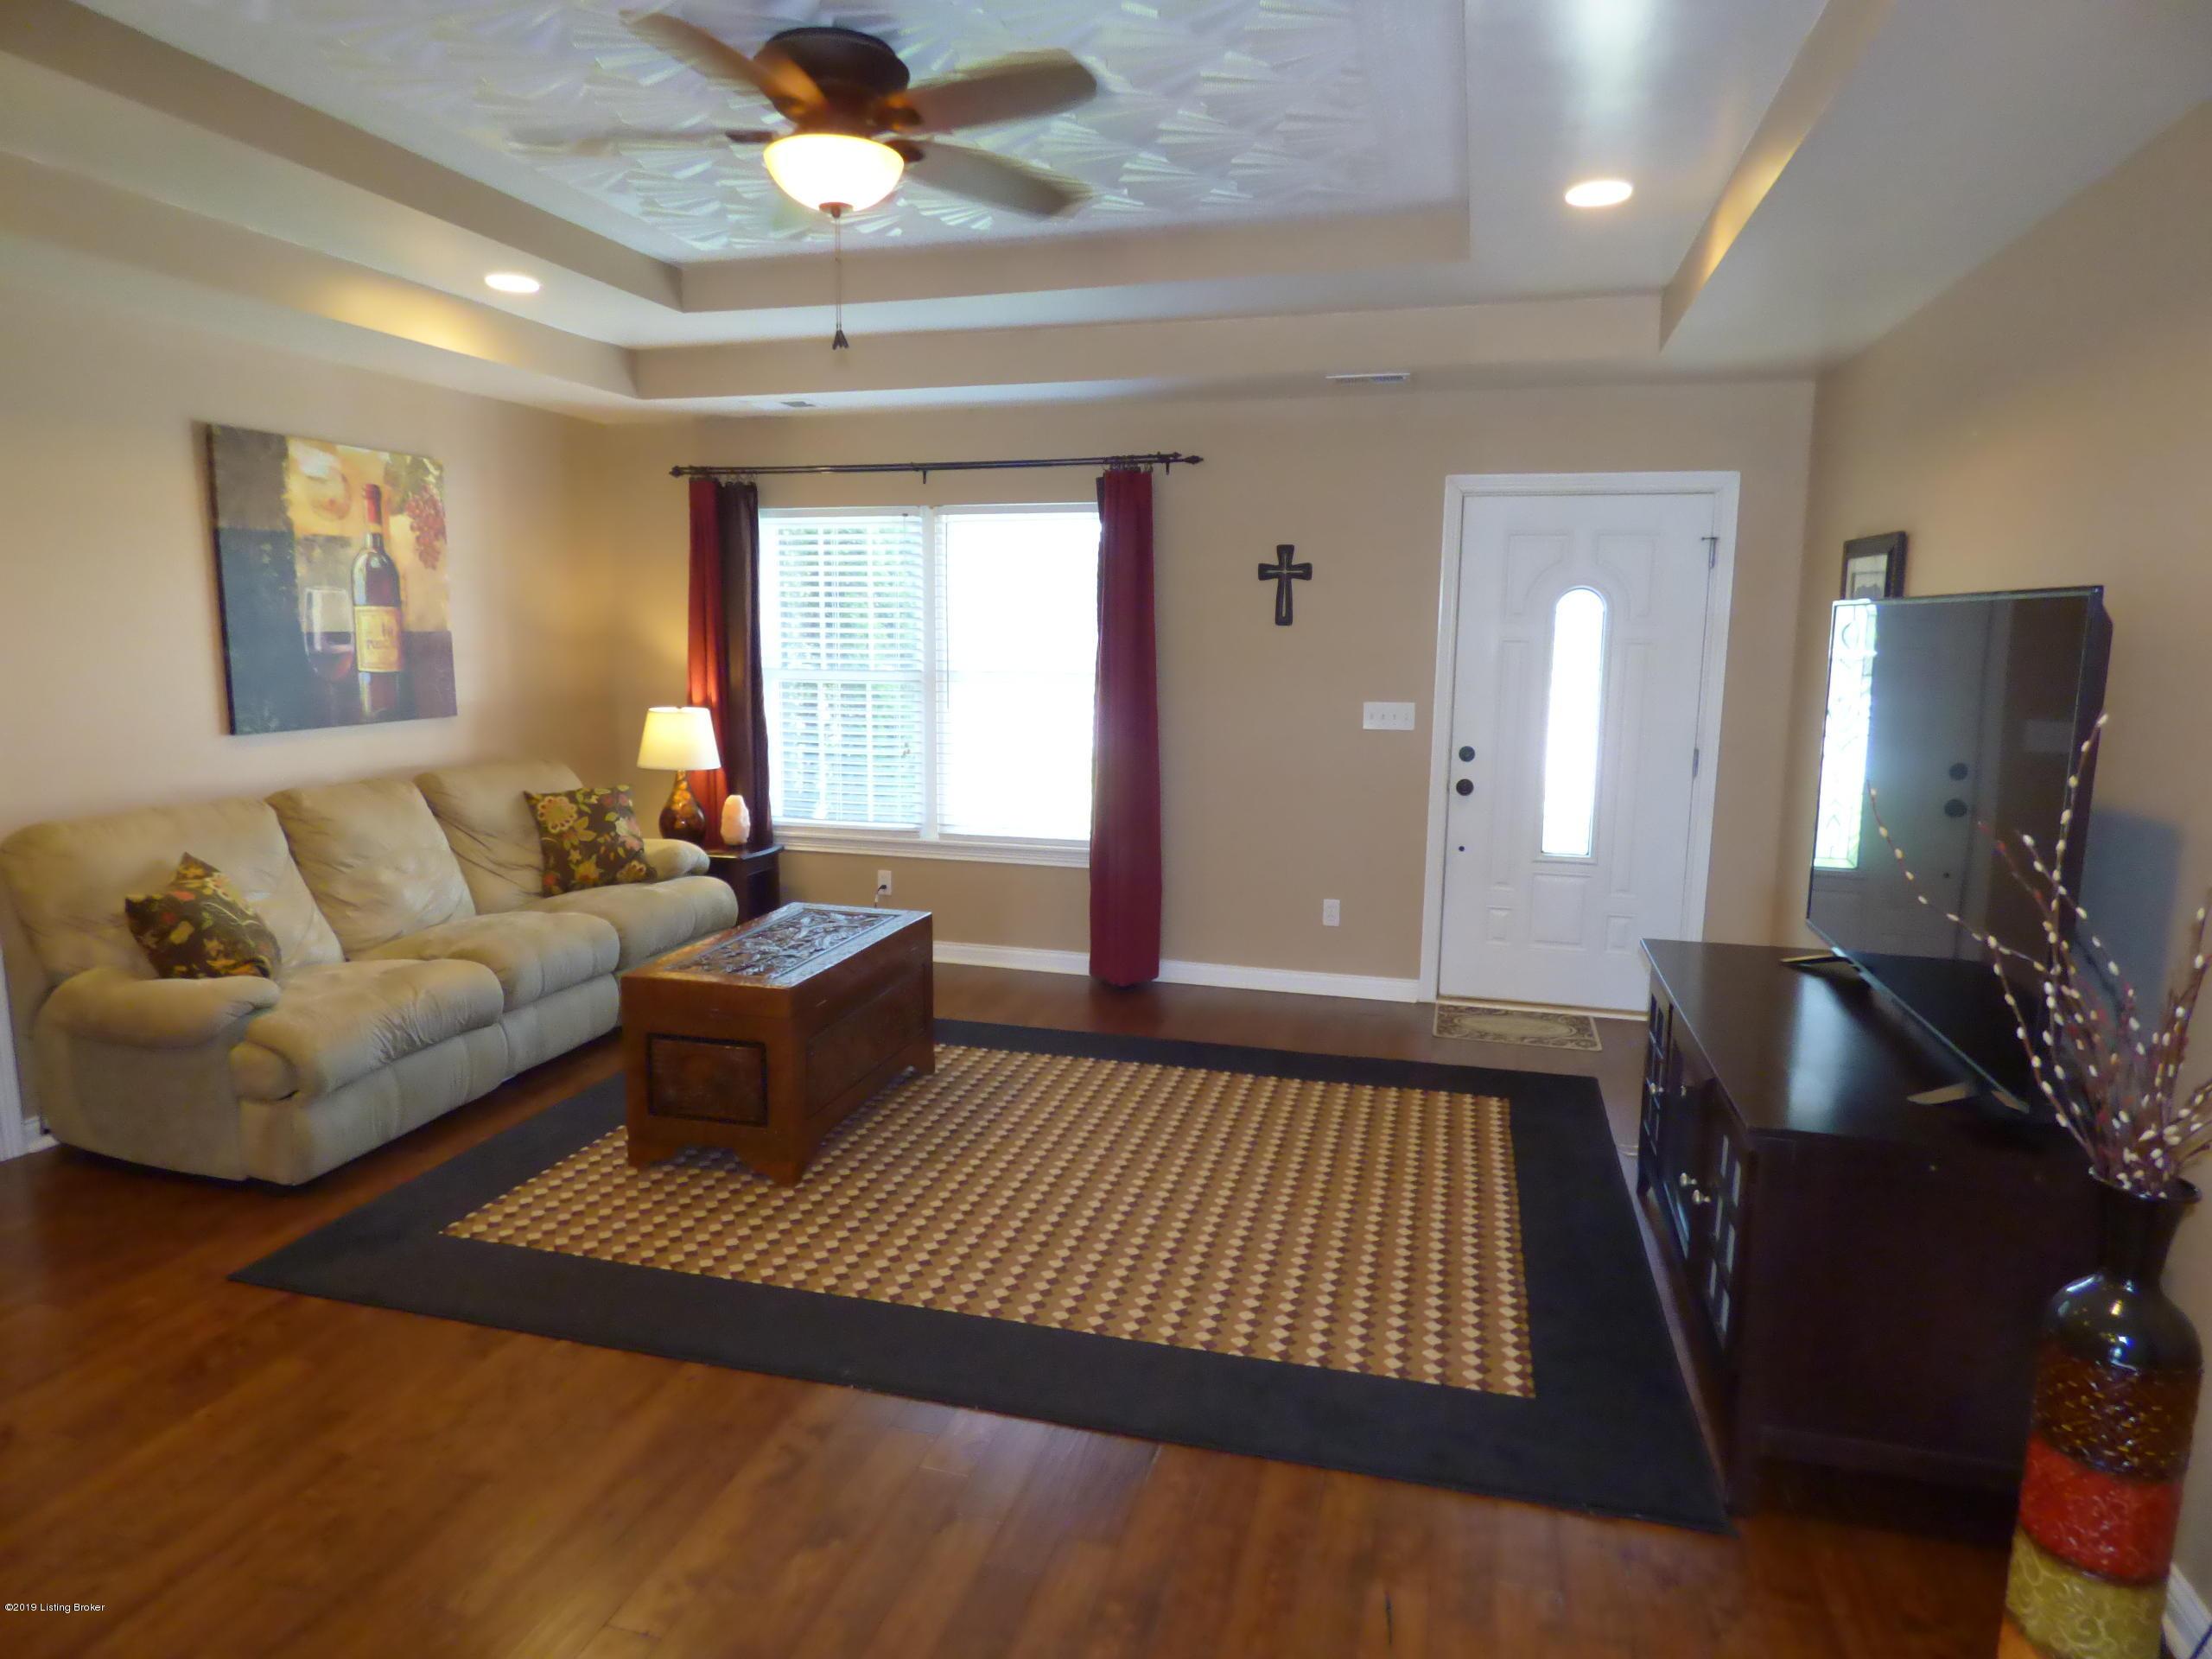 158 Deep Springs Dr, Bardstown, Kentucky 40004, 3 Bedrooms Bedrooms, 6 Rooms Rooms,2 BathroomsBathrooms,Residential,For Sale,Deep Springs,1531381